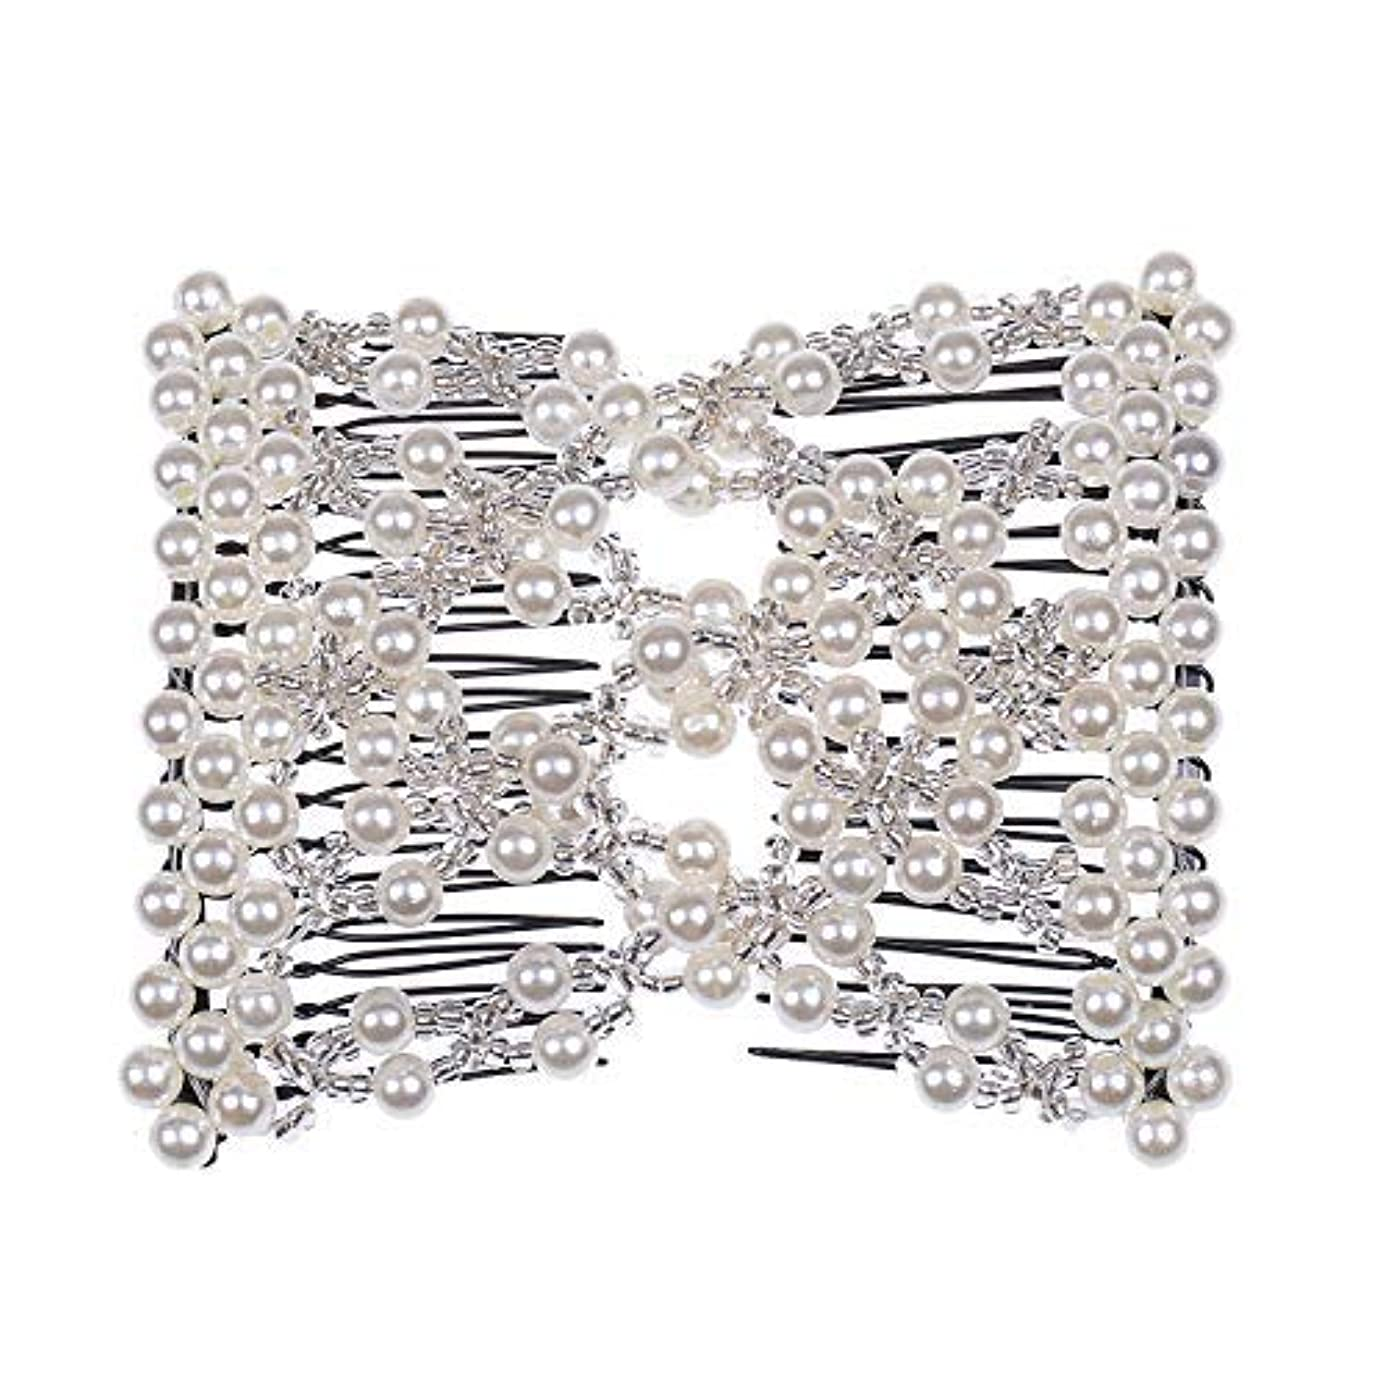 一時解雇するアクセサリー過去Casualfashion Delicate Women Girls EZ Stretch Pearls Combs Beaded Hair Comb Jewelry Double Clips (White) [並行輸入品]